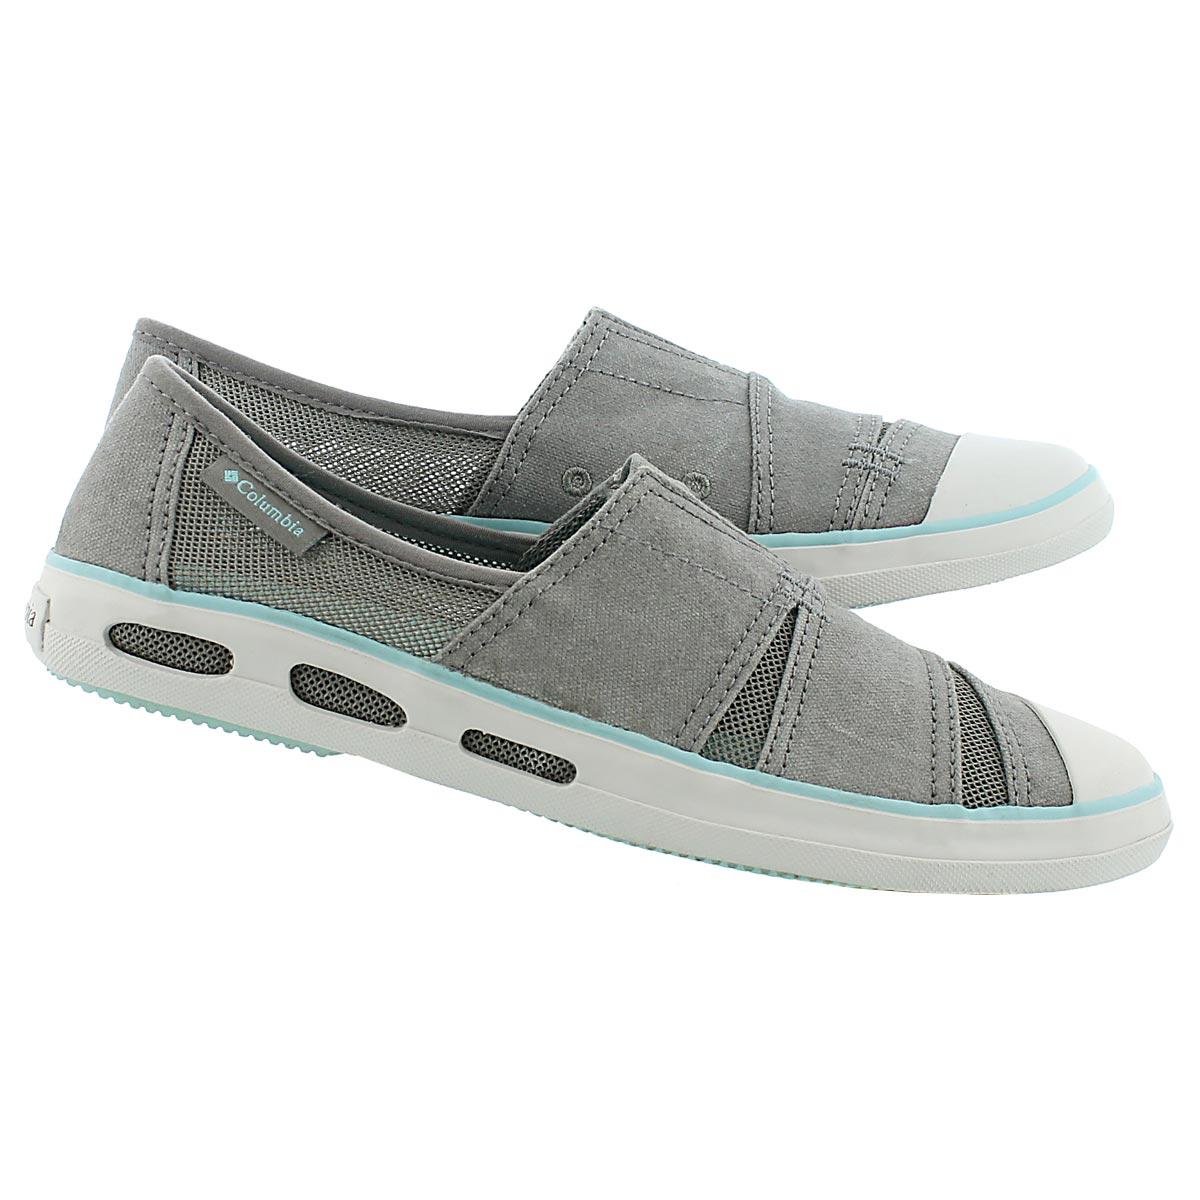 Lds Vulc N Vent Slip grey slip on